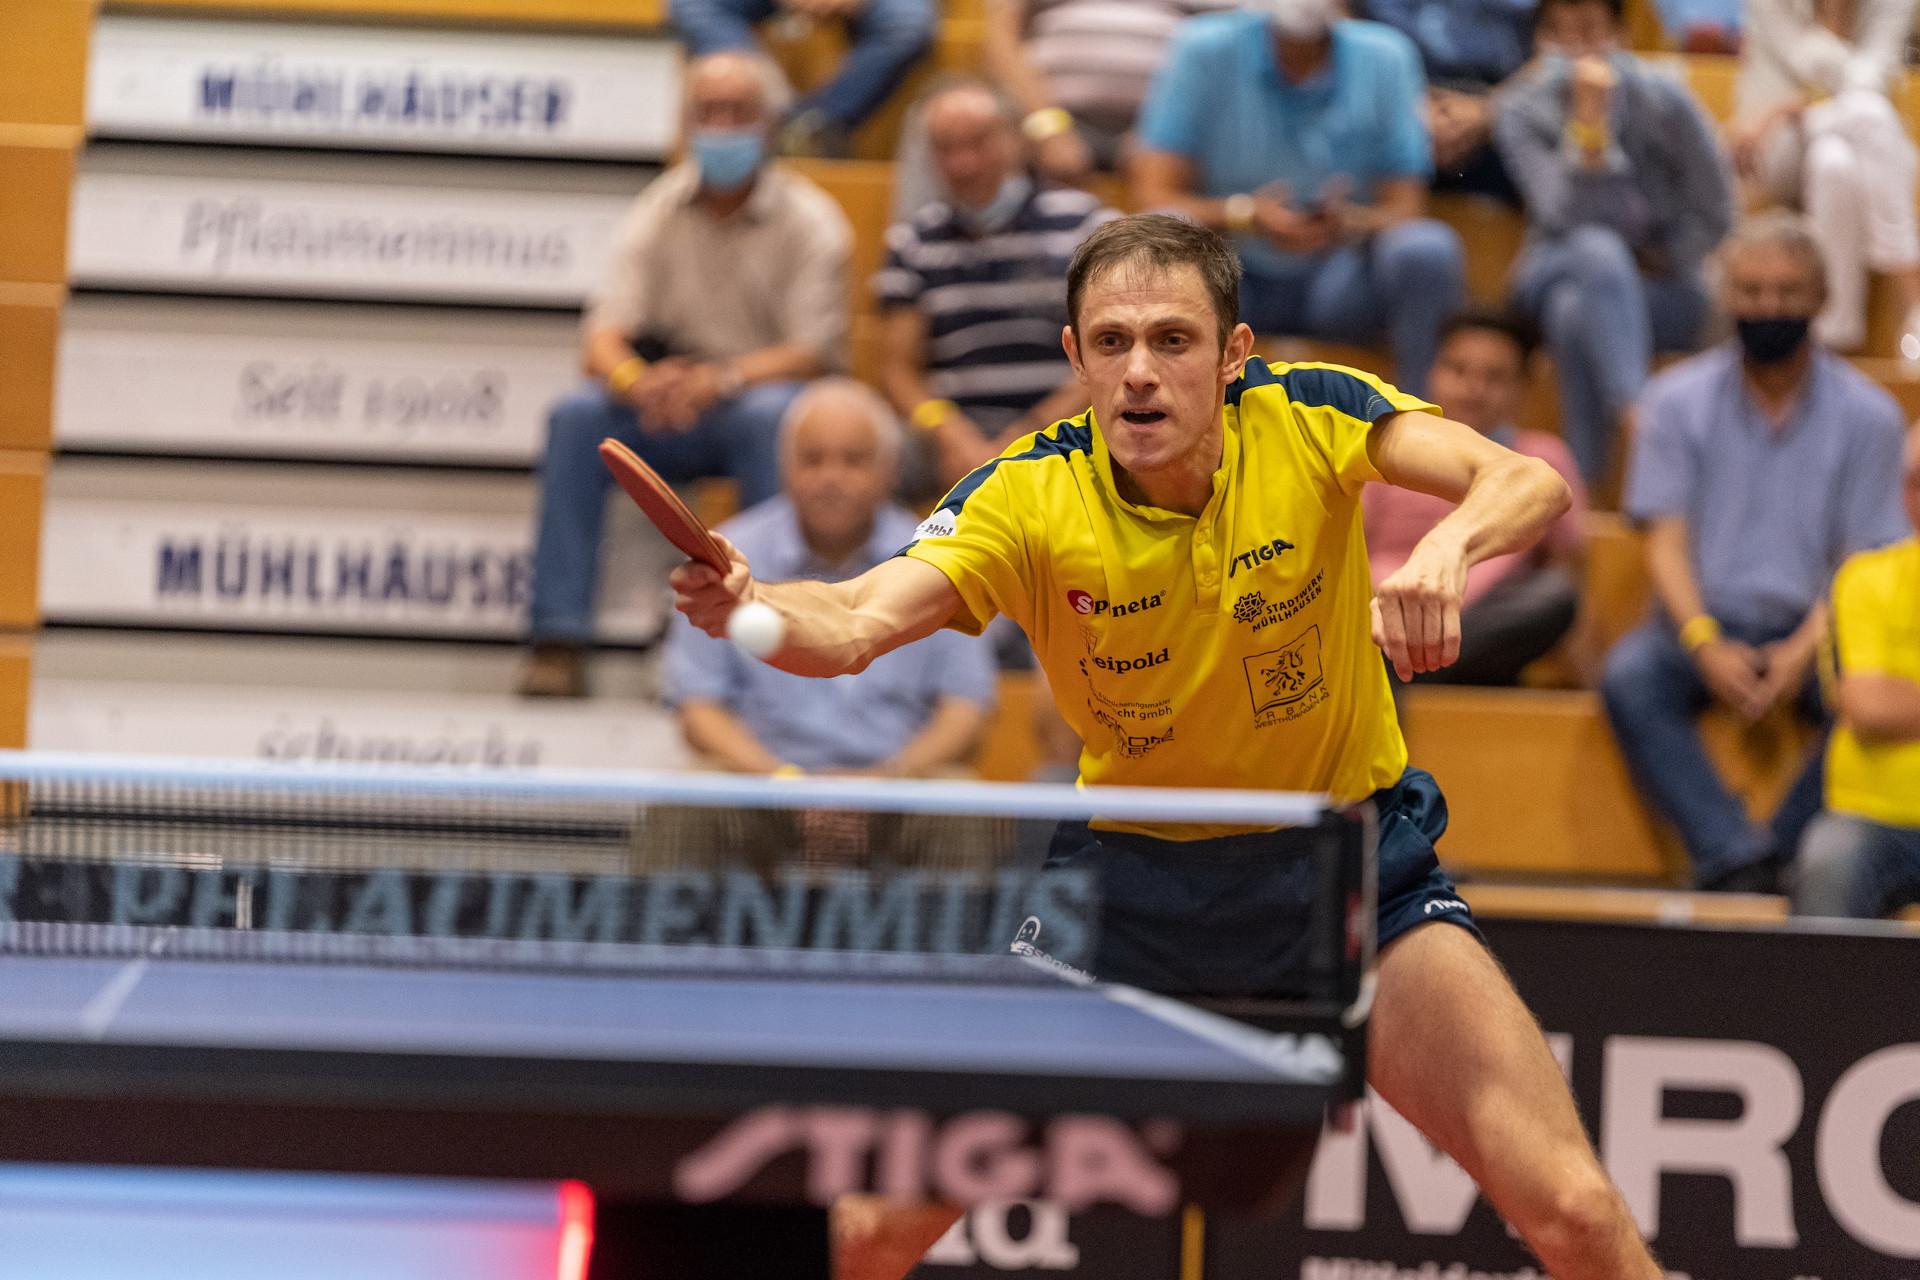 Ovidiu Ionescu